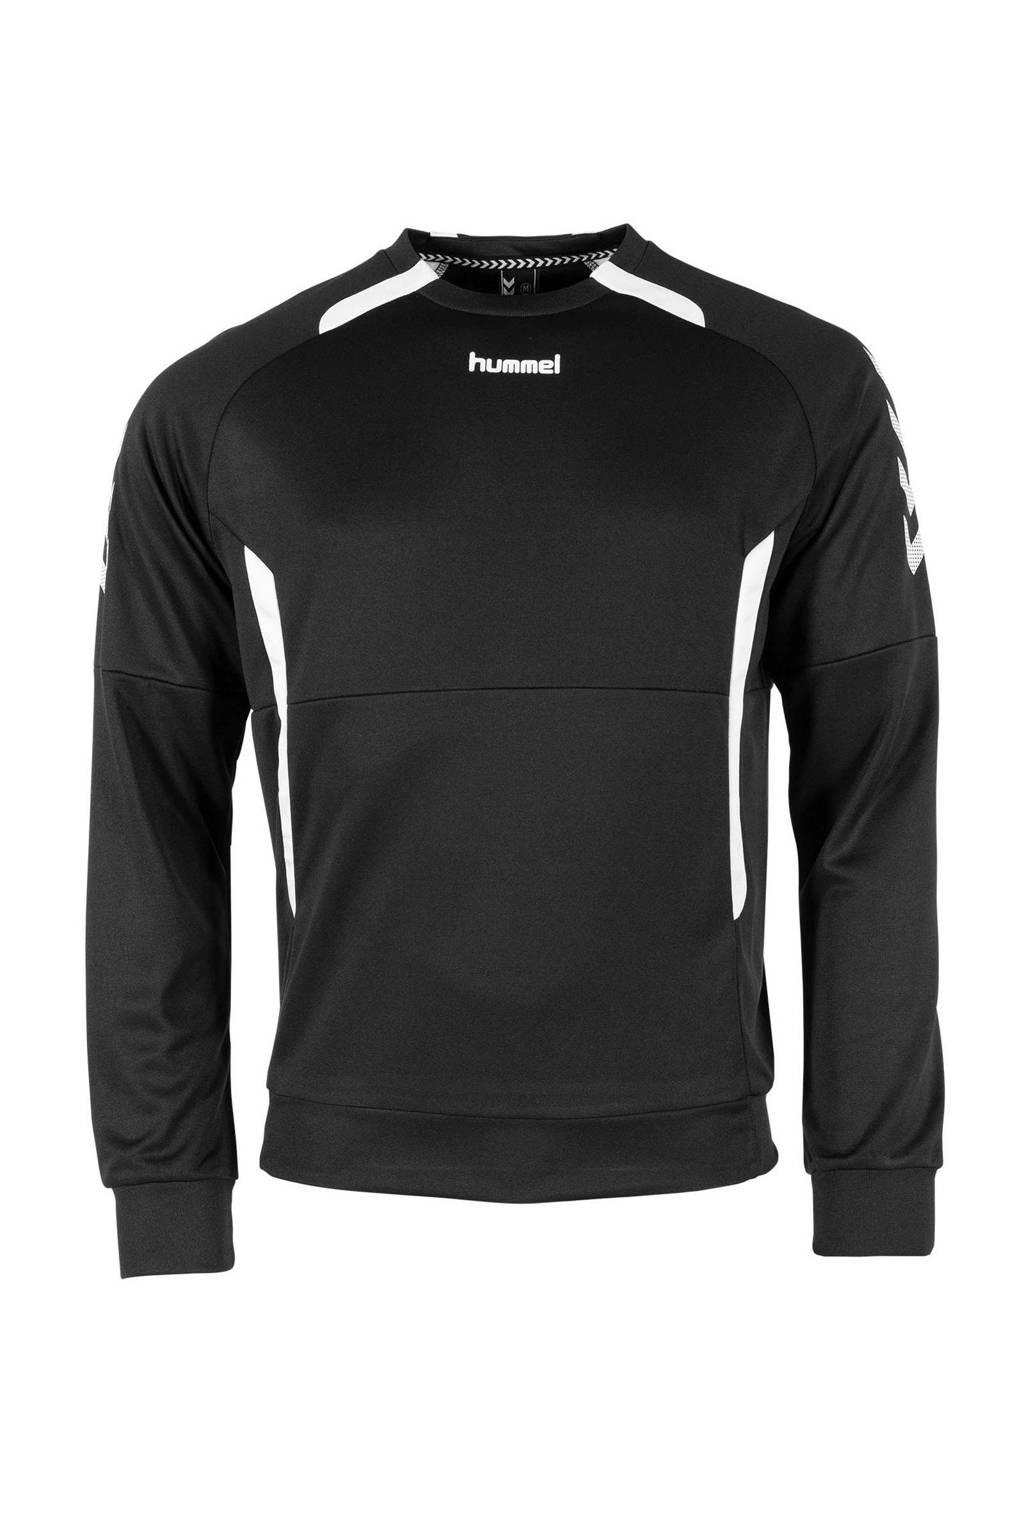 hummel Junior  sportsweater Authentic Top RN zwart/wit, Zwart/wit